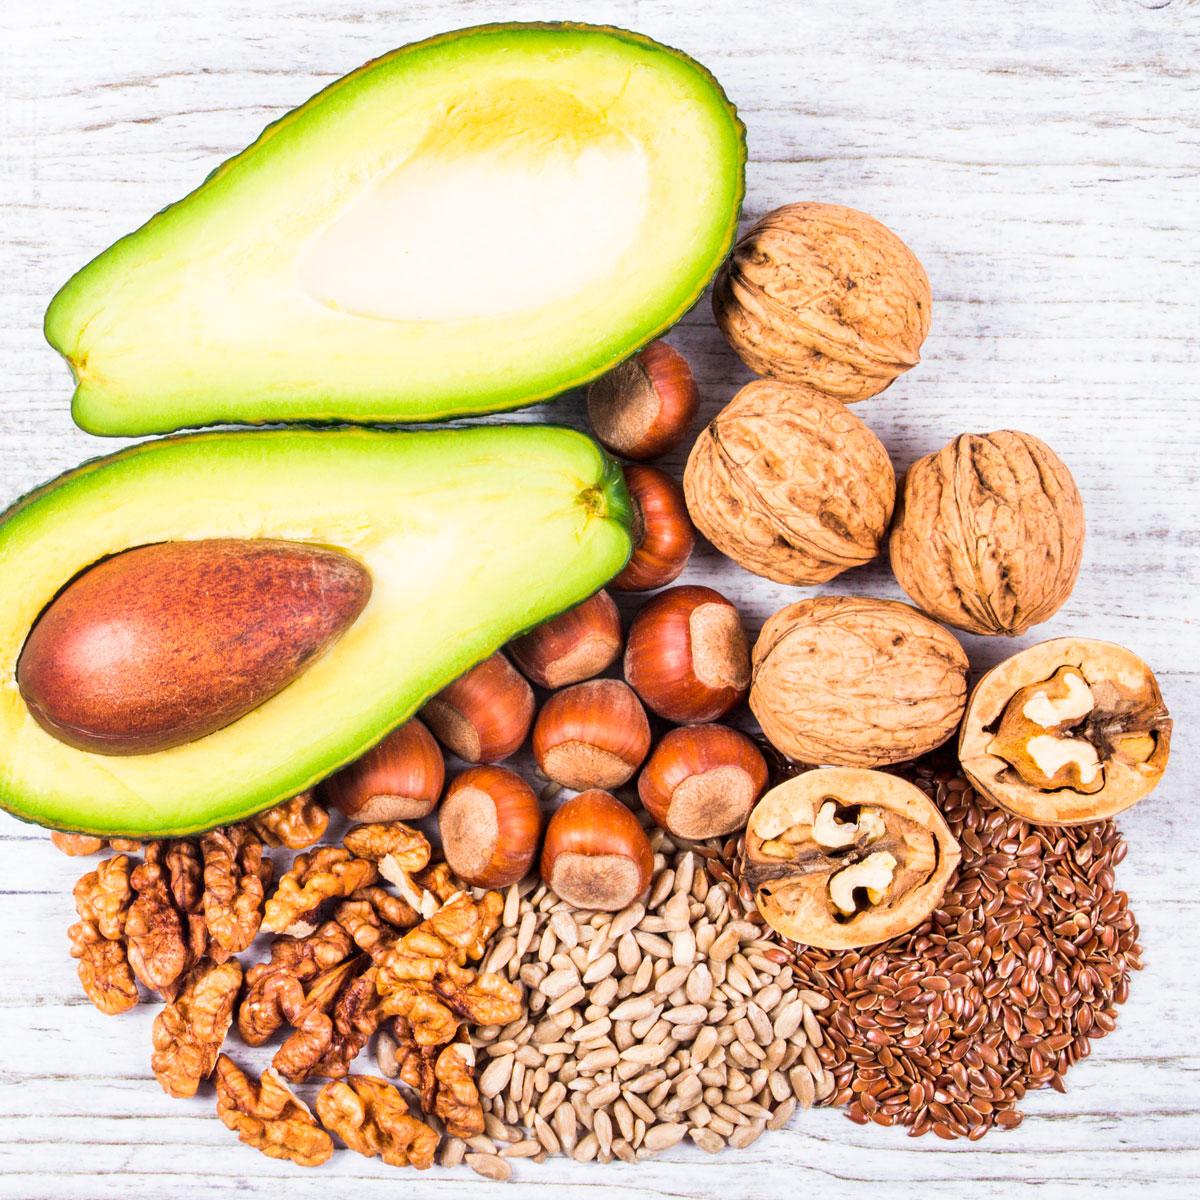 Grasas saludables (omega 3-6-7 y 9). Qué son, beneficios y en qué alimentos encontrarlas